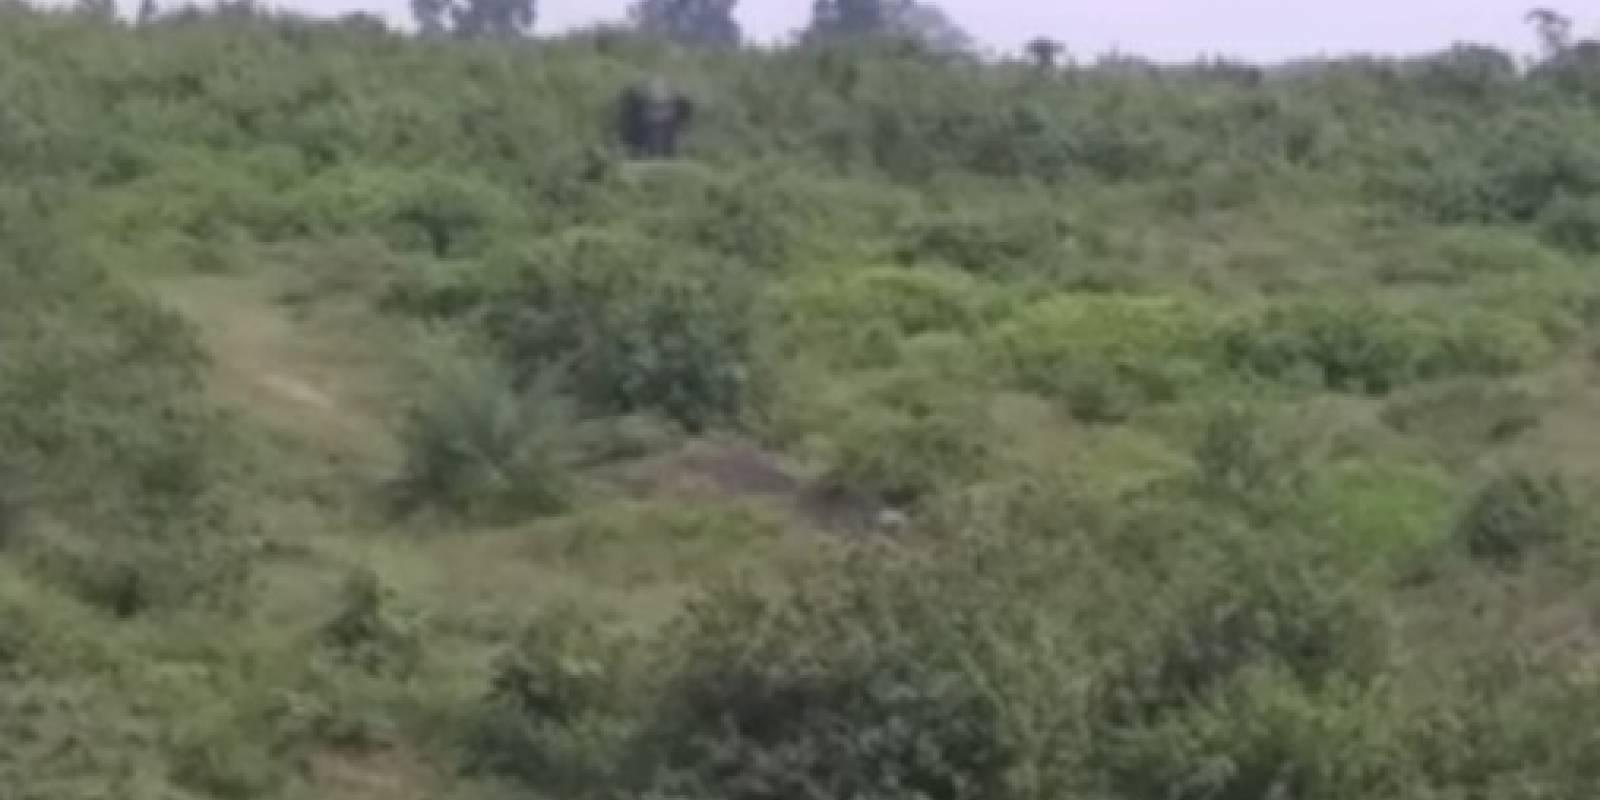 Muere aplastado hombre ebrio tras tomarse 'selfie' con elefante